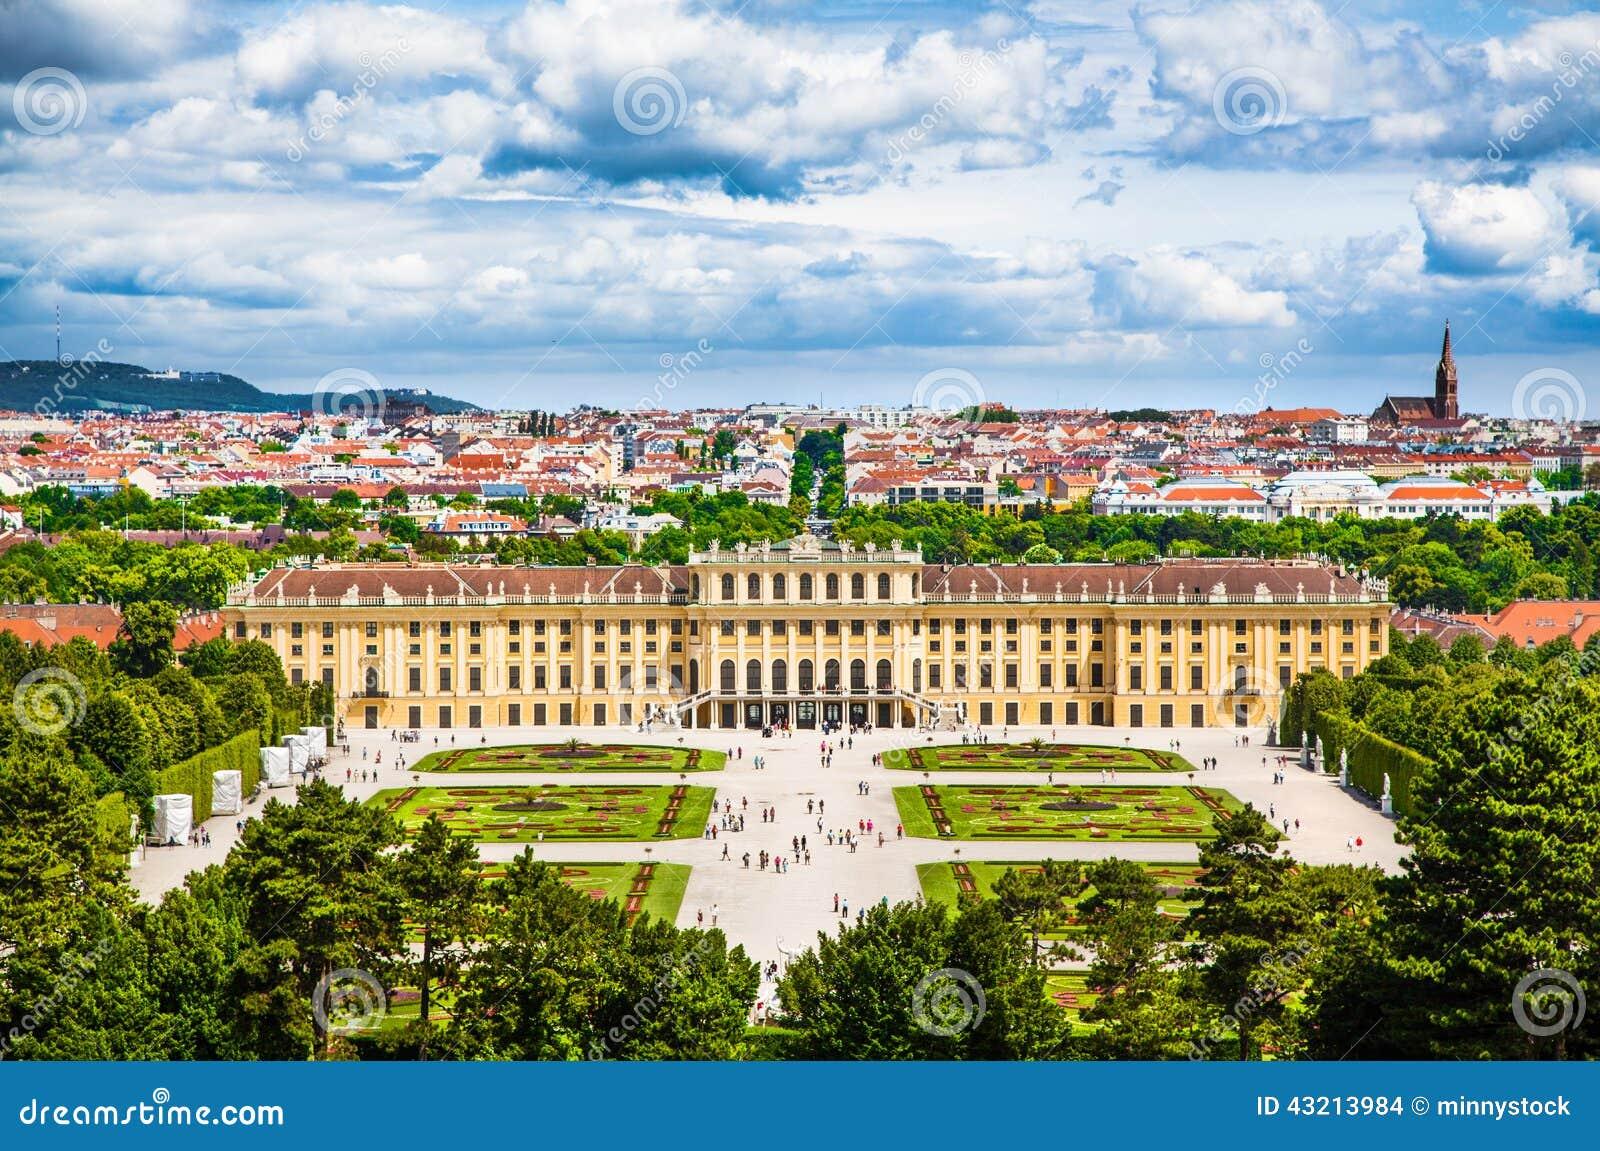 Palácio famoso de Schonbrunn com o grande jardim do Parterre em Viena, Áustria